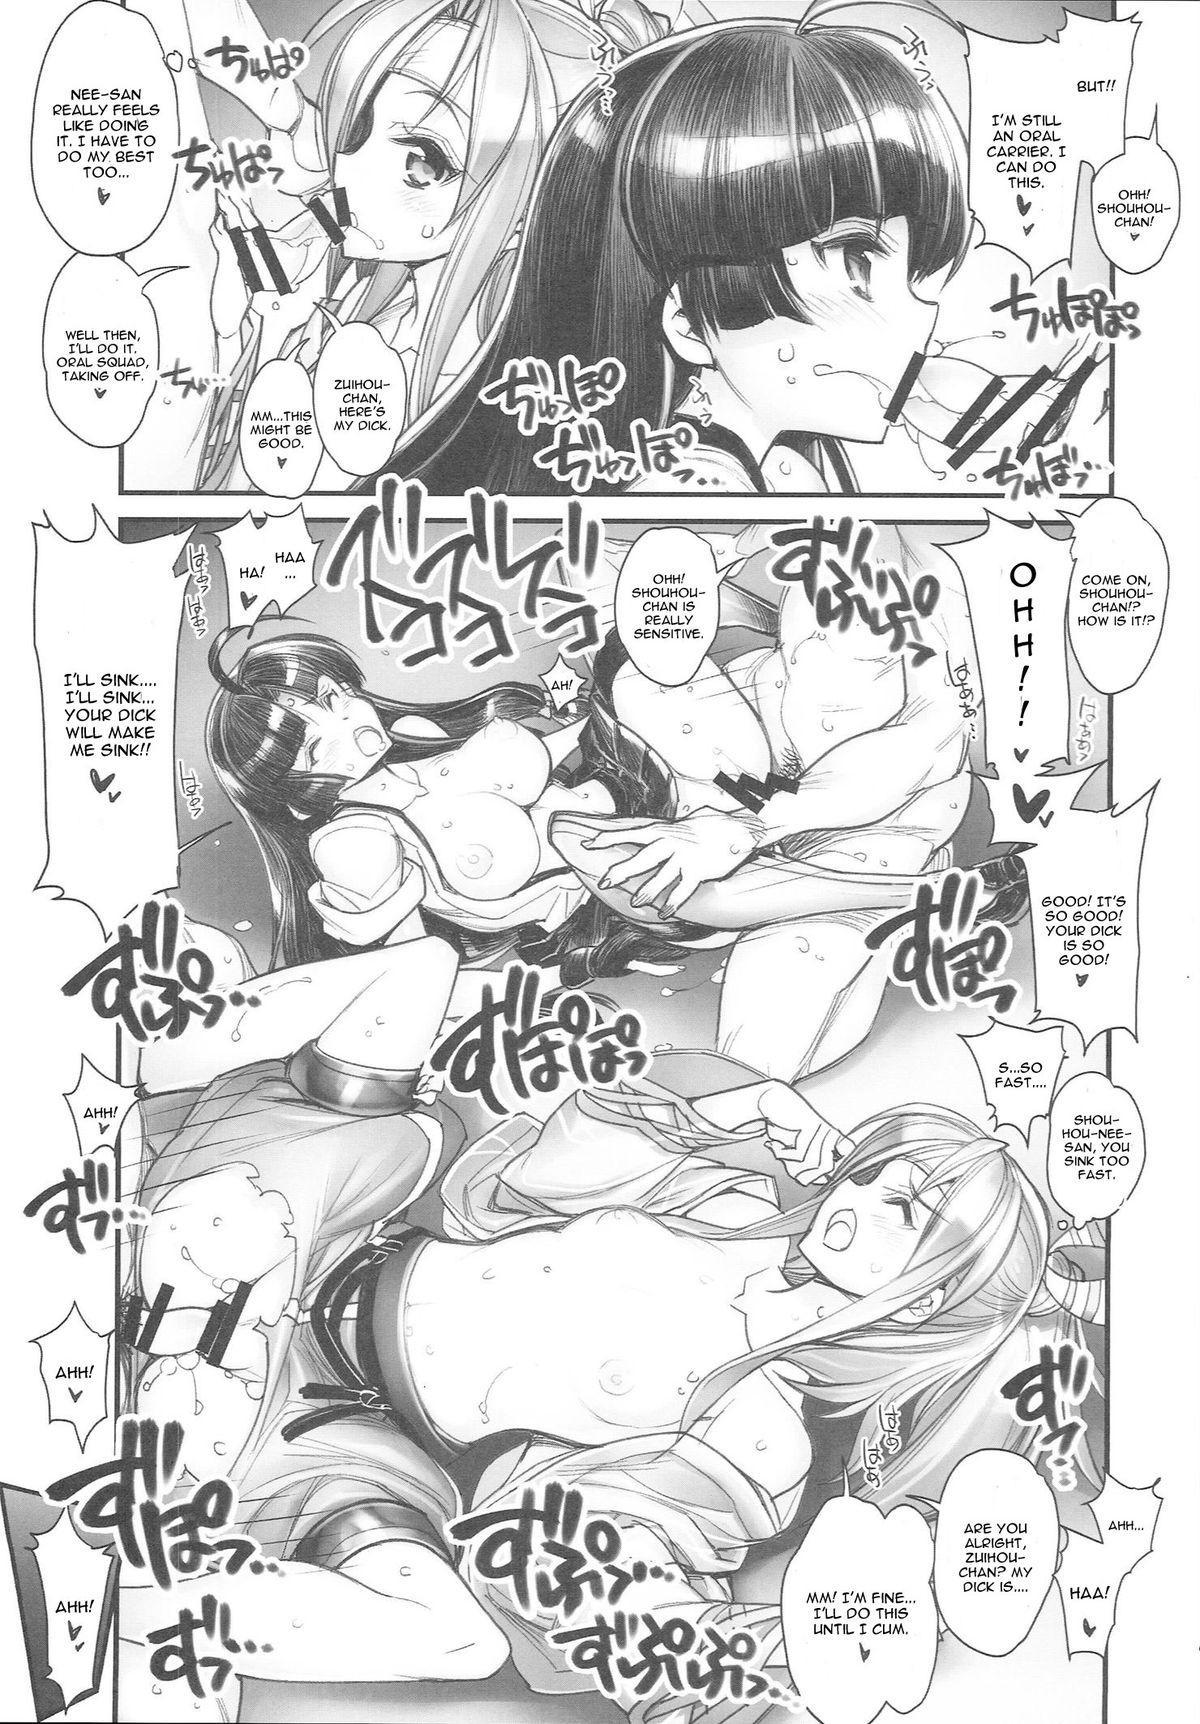 (CT25) [Kashiwa-ya (Hiyo Hiyo)] KanColle -SEX FLEET COLLECTION- Kan-musu Catalog (Kantai Collection -KanColle-) [English] [CGRascal] 49